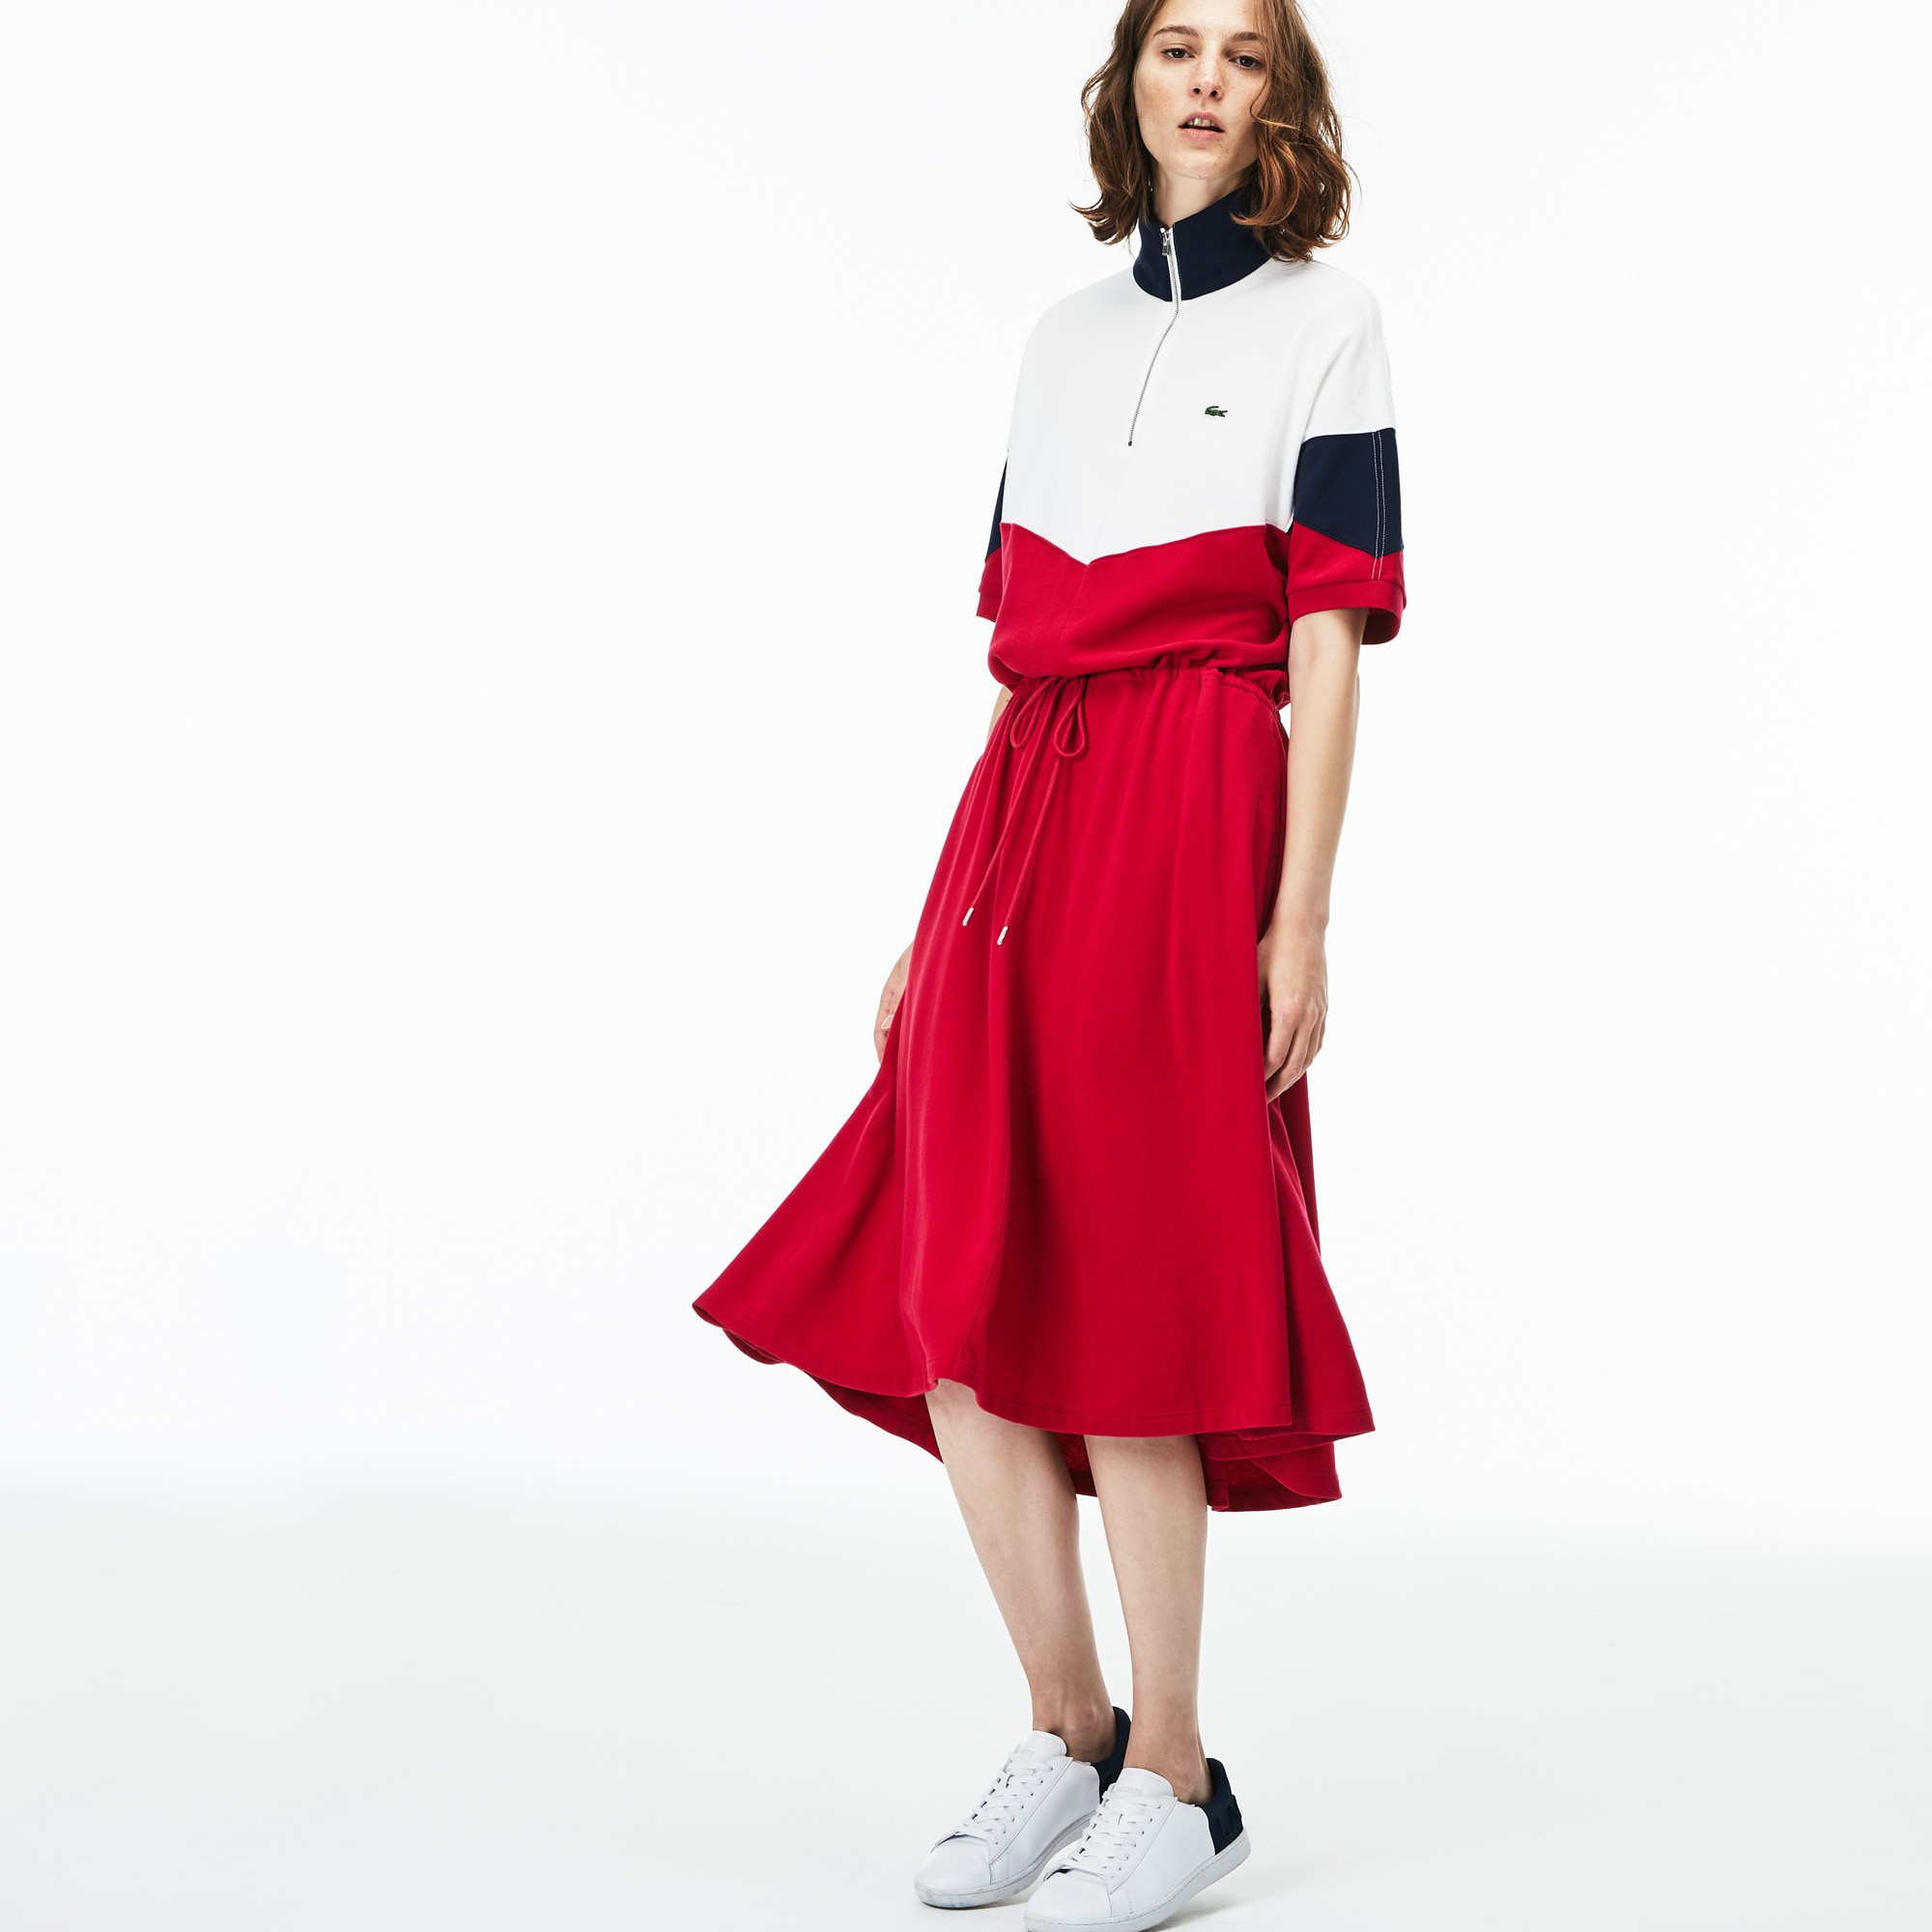 women s clothing women s fashion lacoste